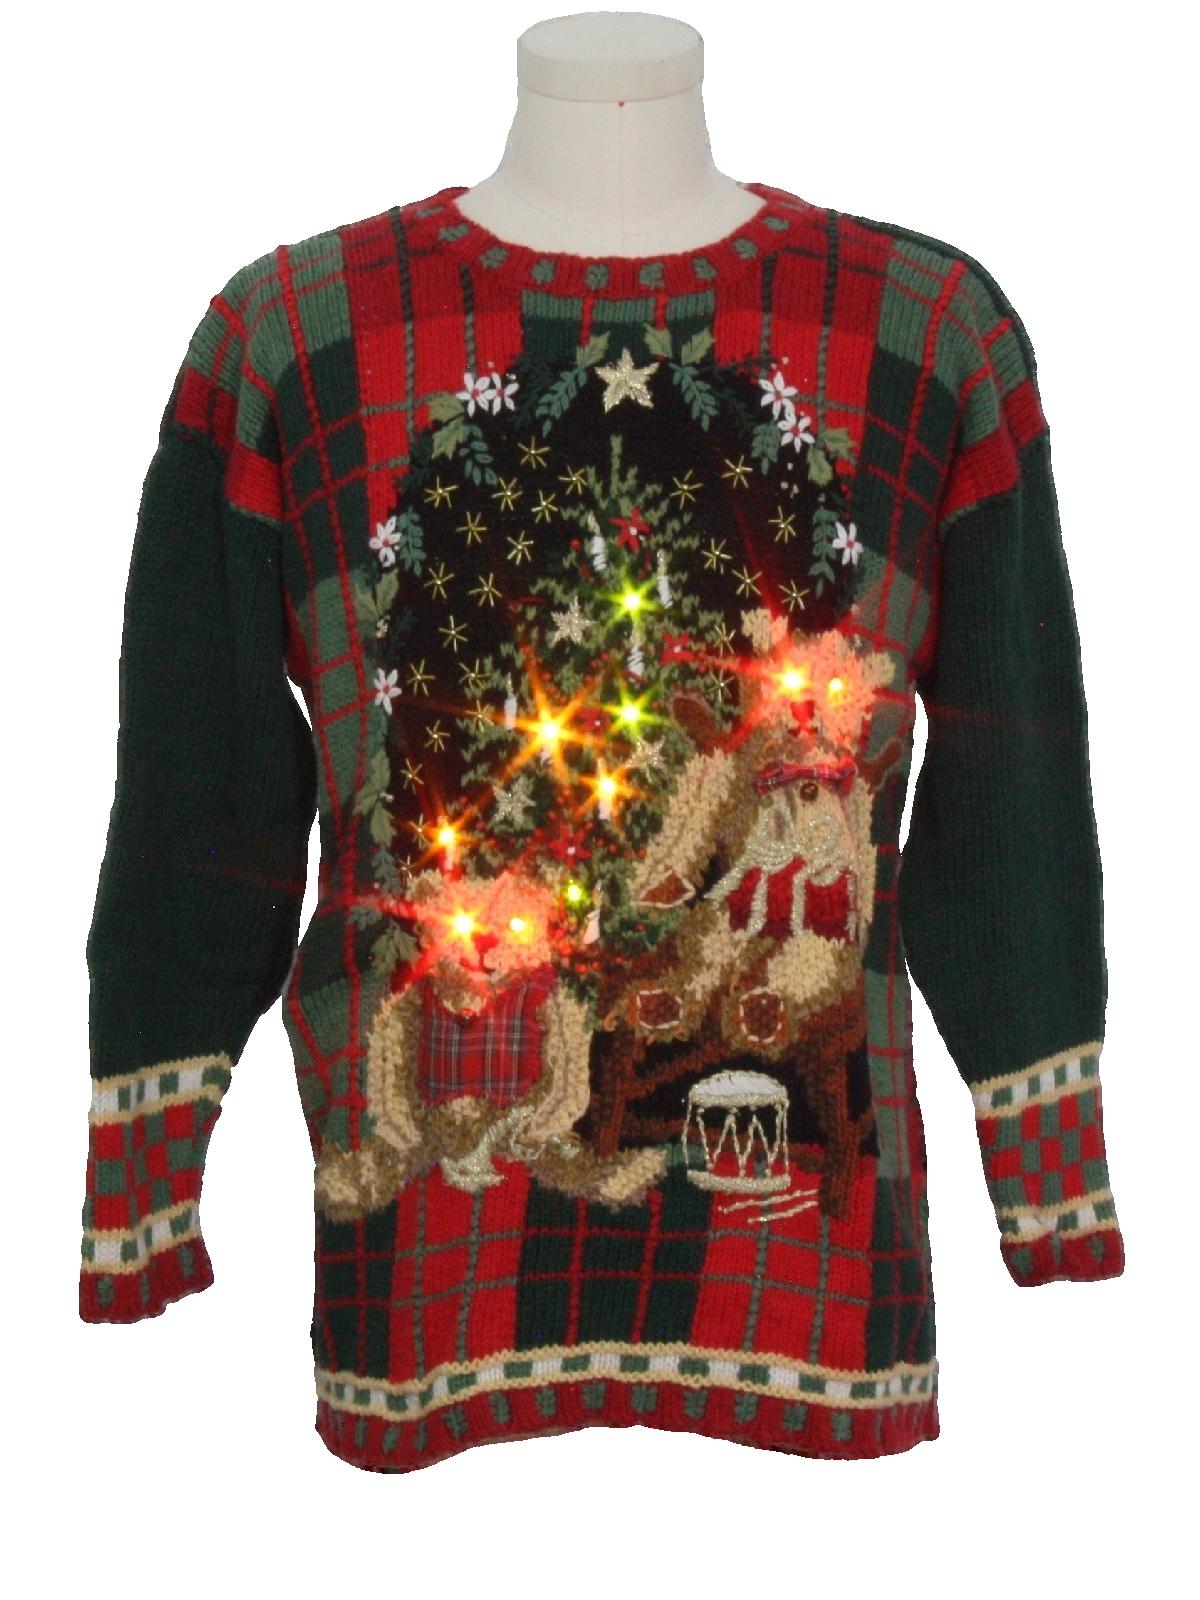 Lightup Creepy Bears Ugly Christmas Sweater Tiara